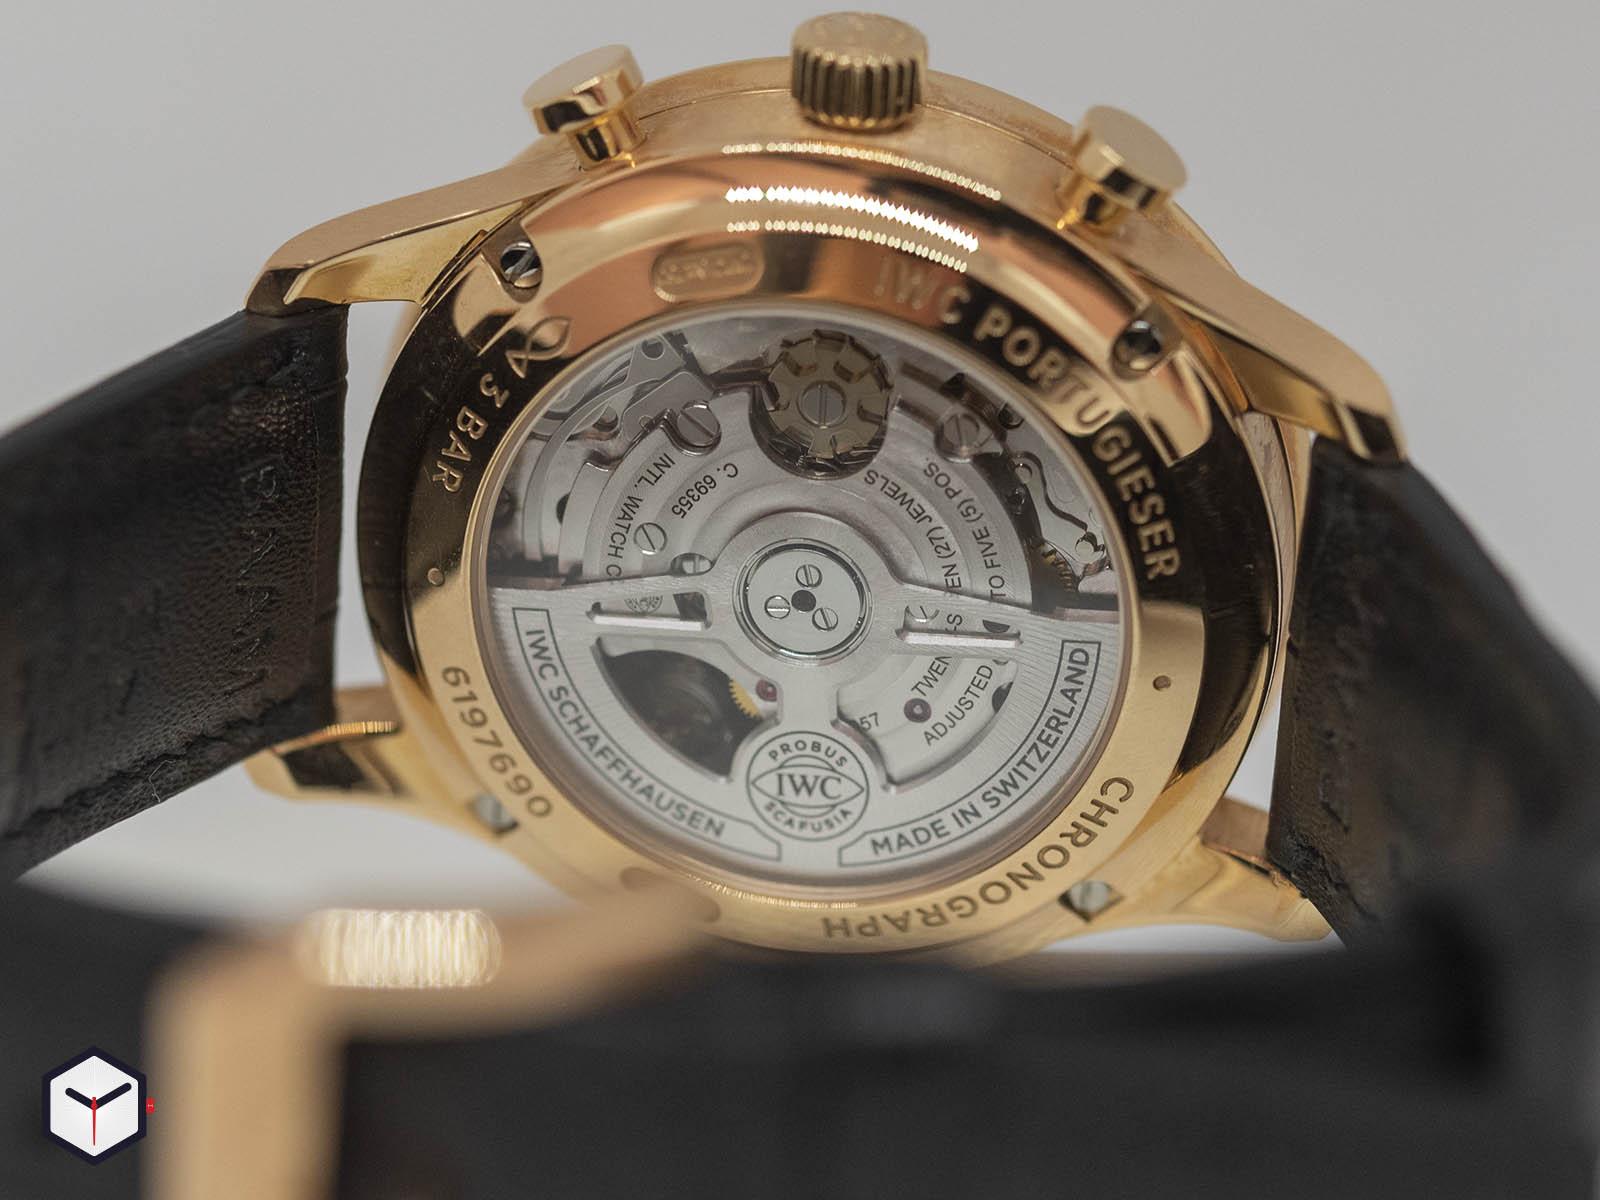 iw371482-iwc-portugieser-chronograph-5.jpg